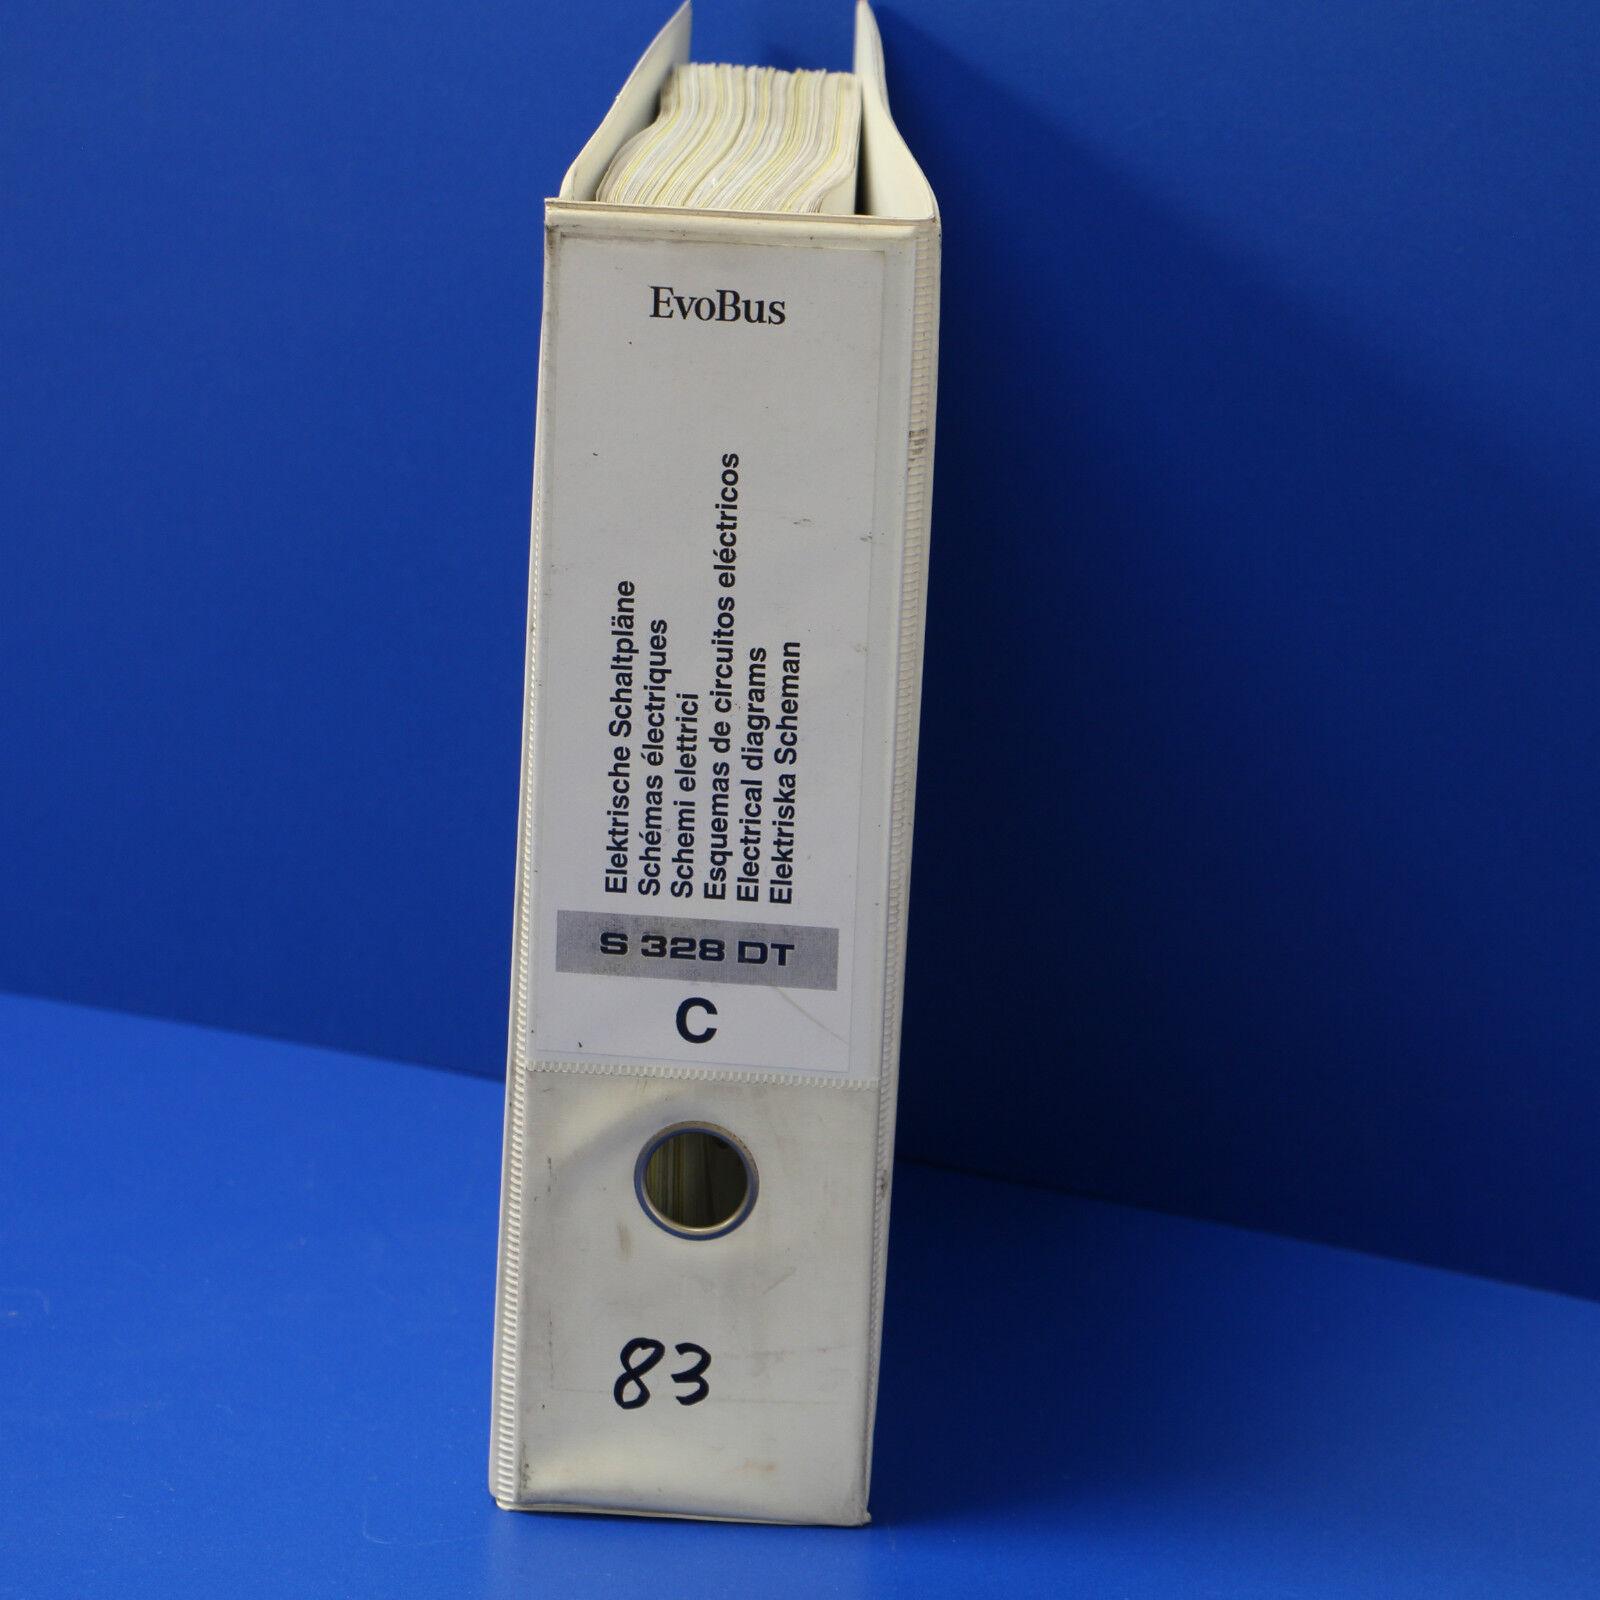 Anleitungen & Handbücher Brillant Werkstatthandbuch Elektrik Renault Clio Typ 57 Elektrische Schaltpläne 1998